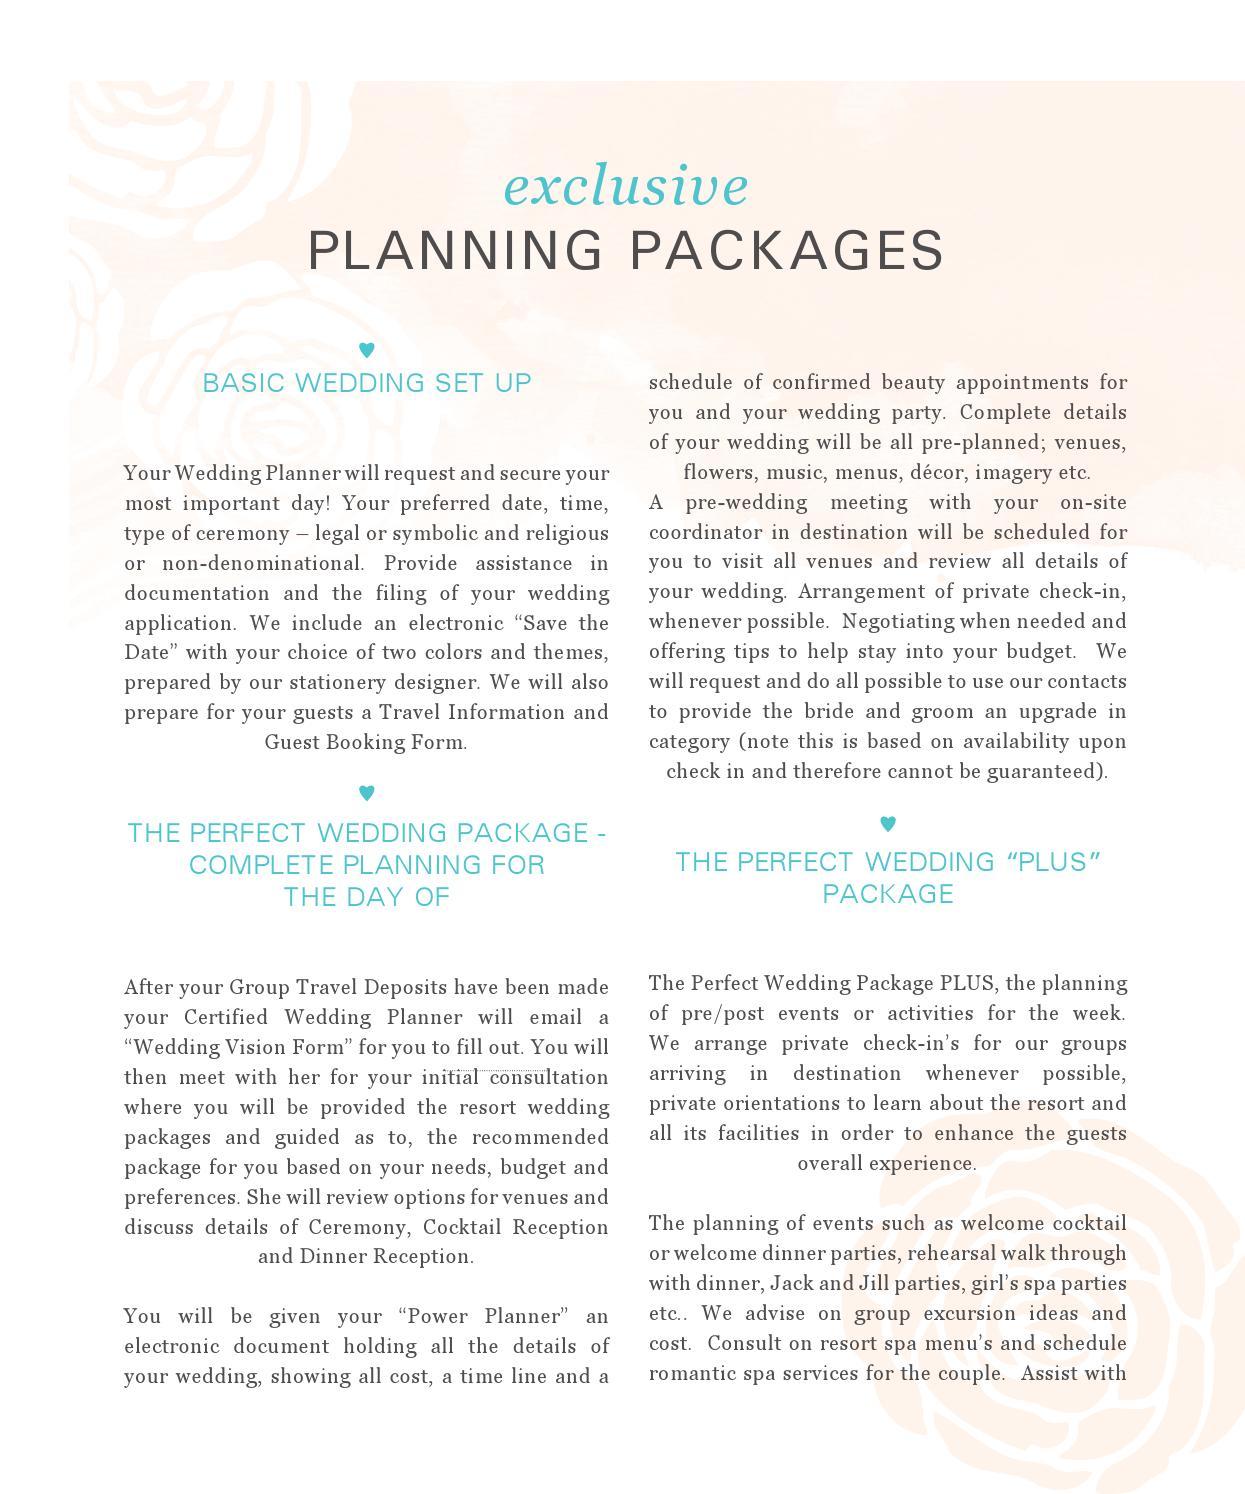 Wedding Planning Package By Masako BaObaid